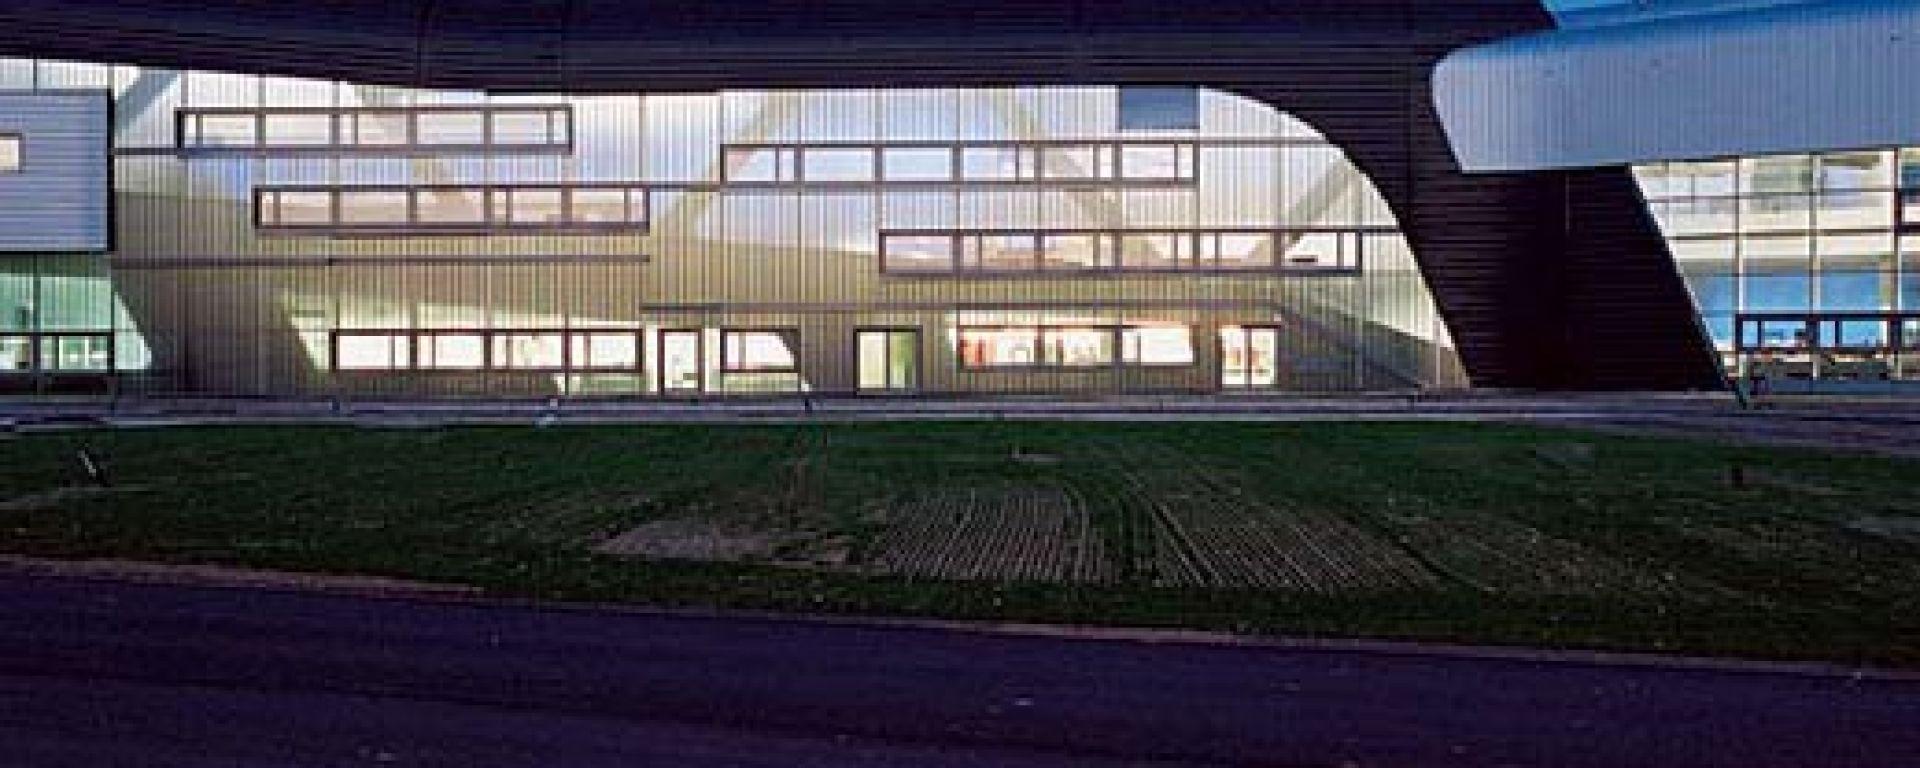 Bmw, prima anche in architettura